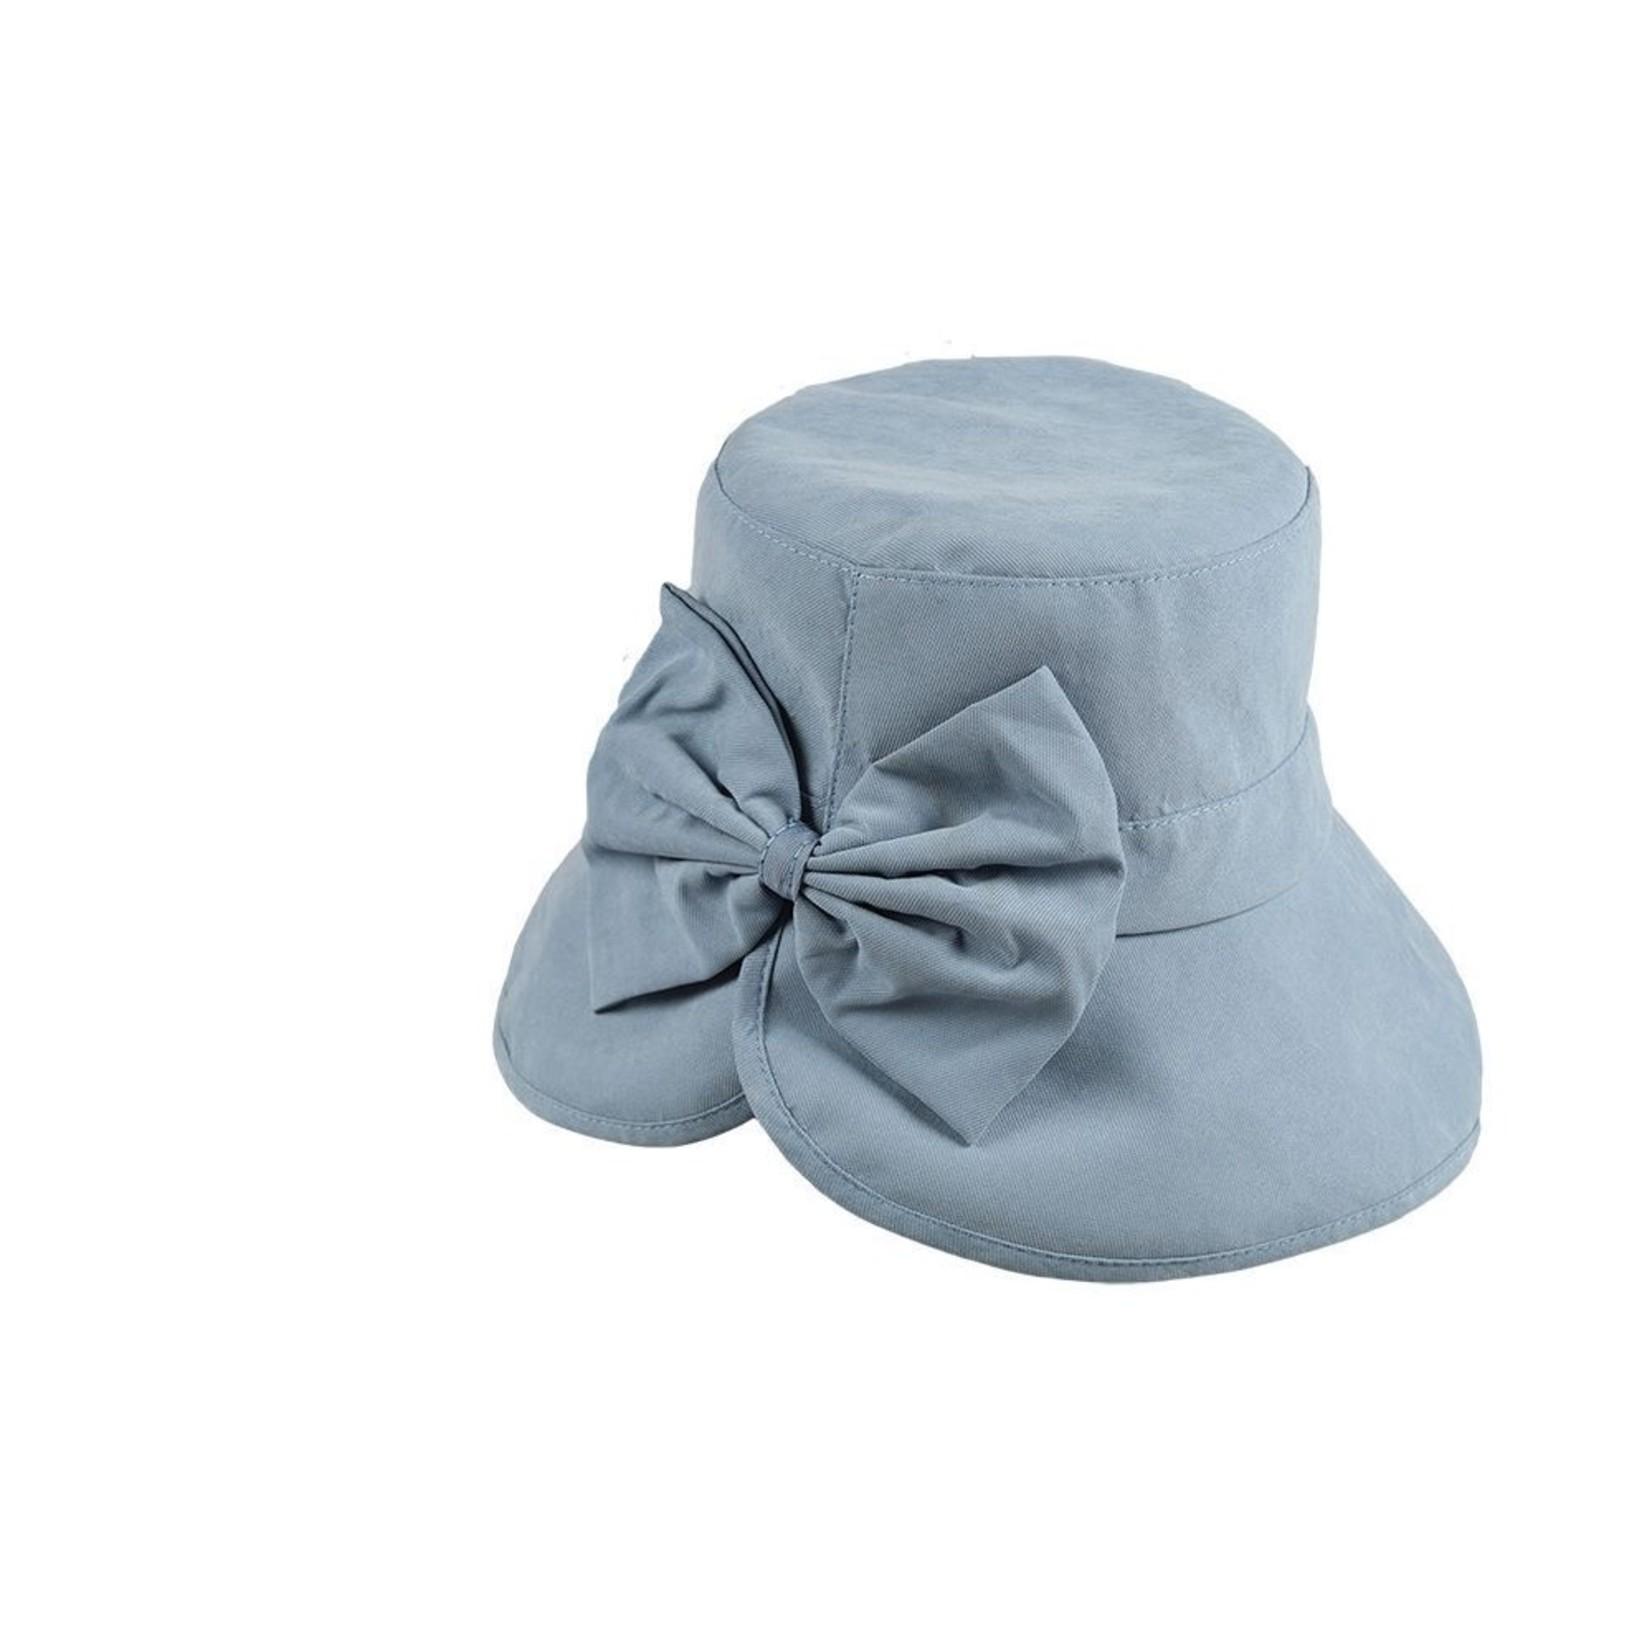 Jeanne Simmons Sky Blue Split Brim Cloche Hat w/ Flower Detail